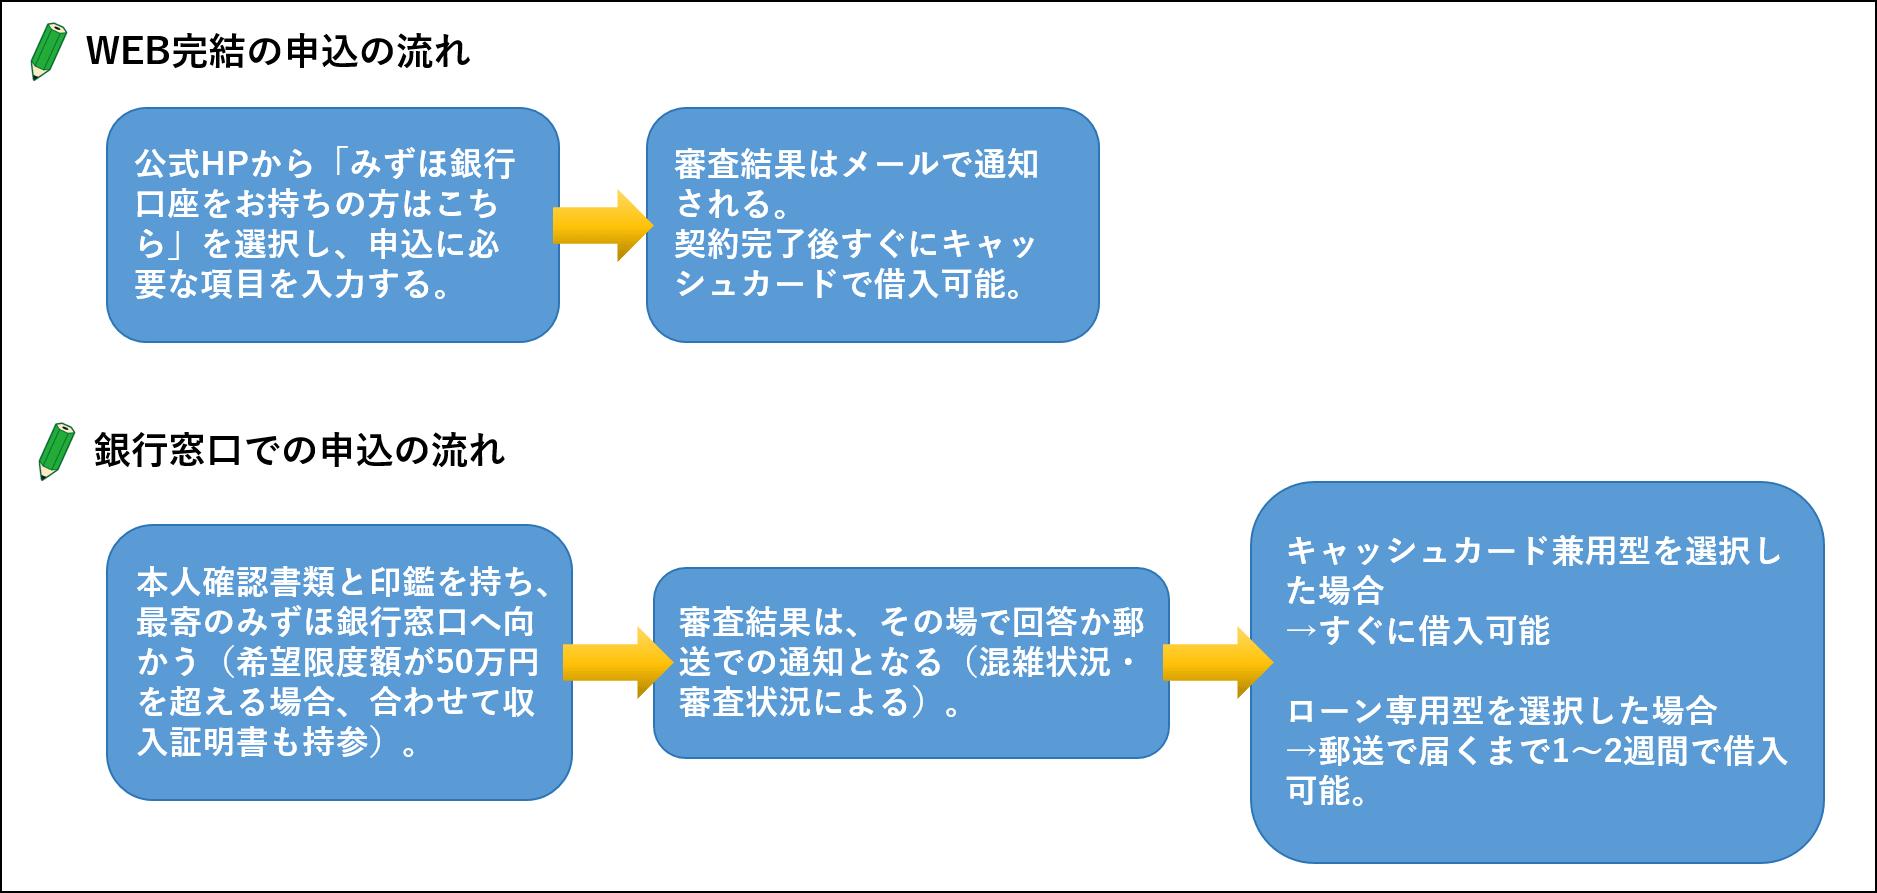 みずほ WEB完結 -min